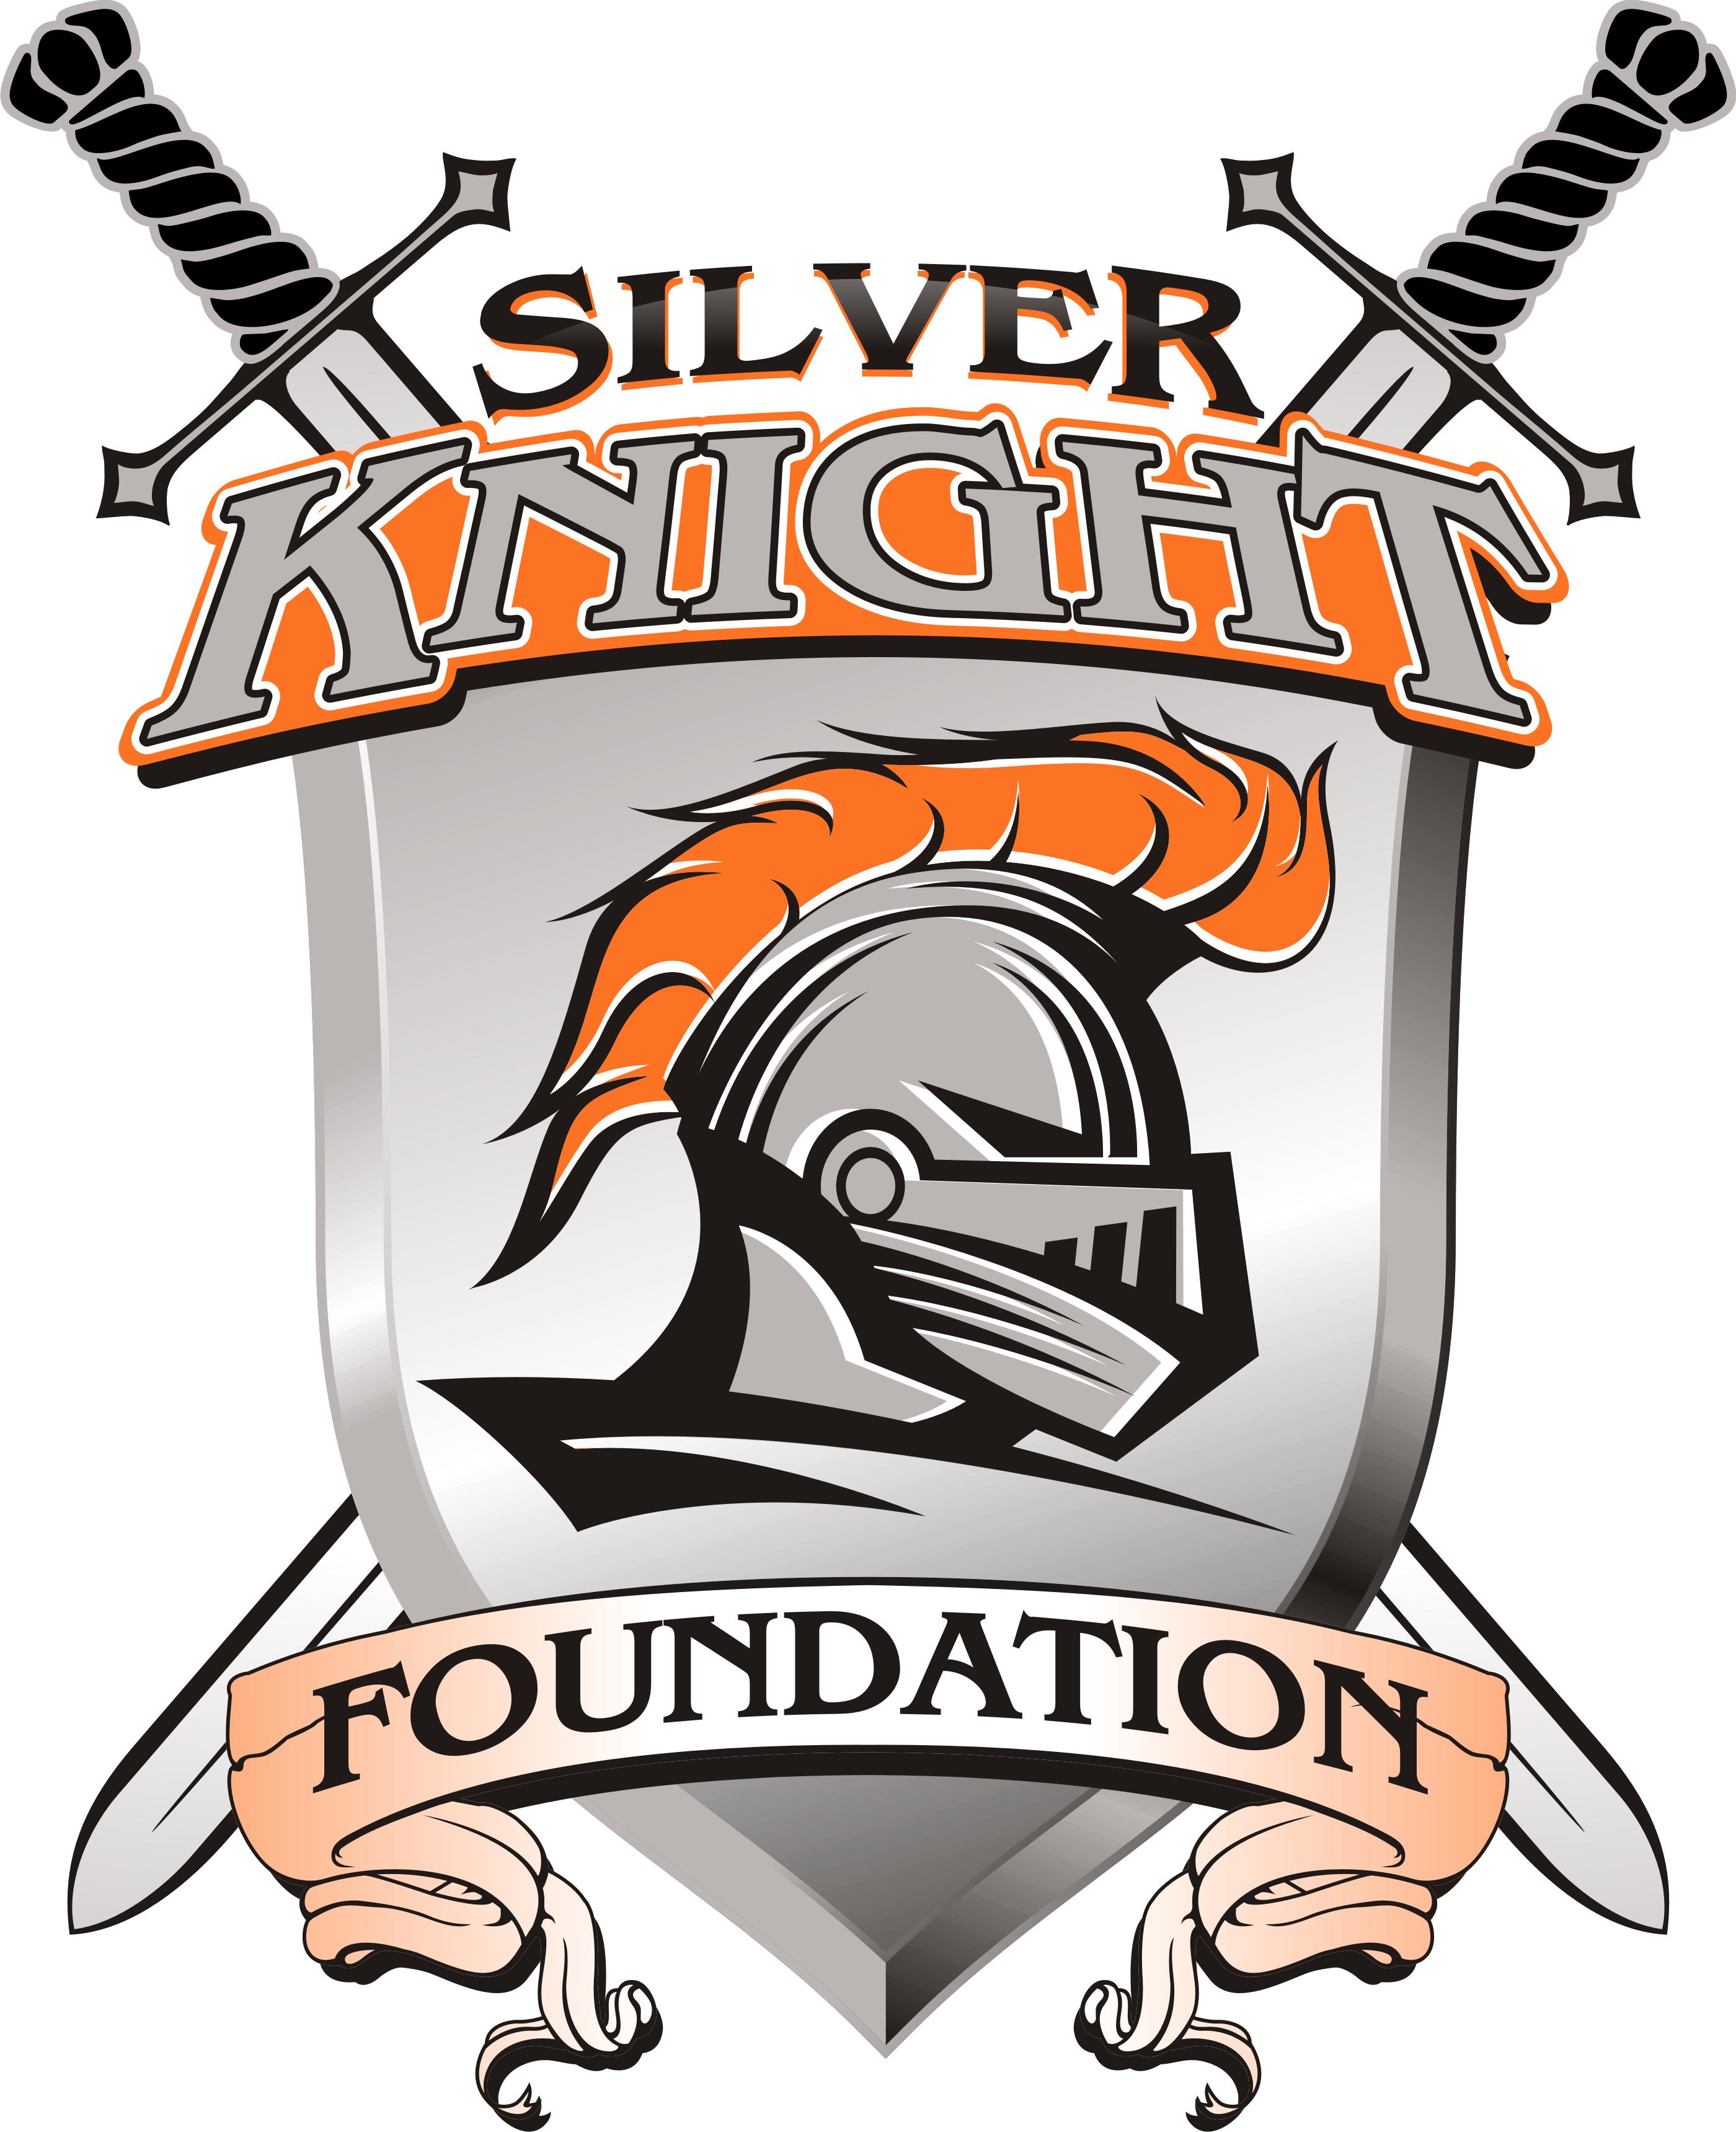 Logo - Syracuse Silver Knights Foundation (2800x3439)